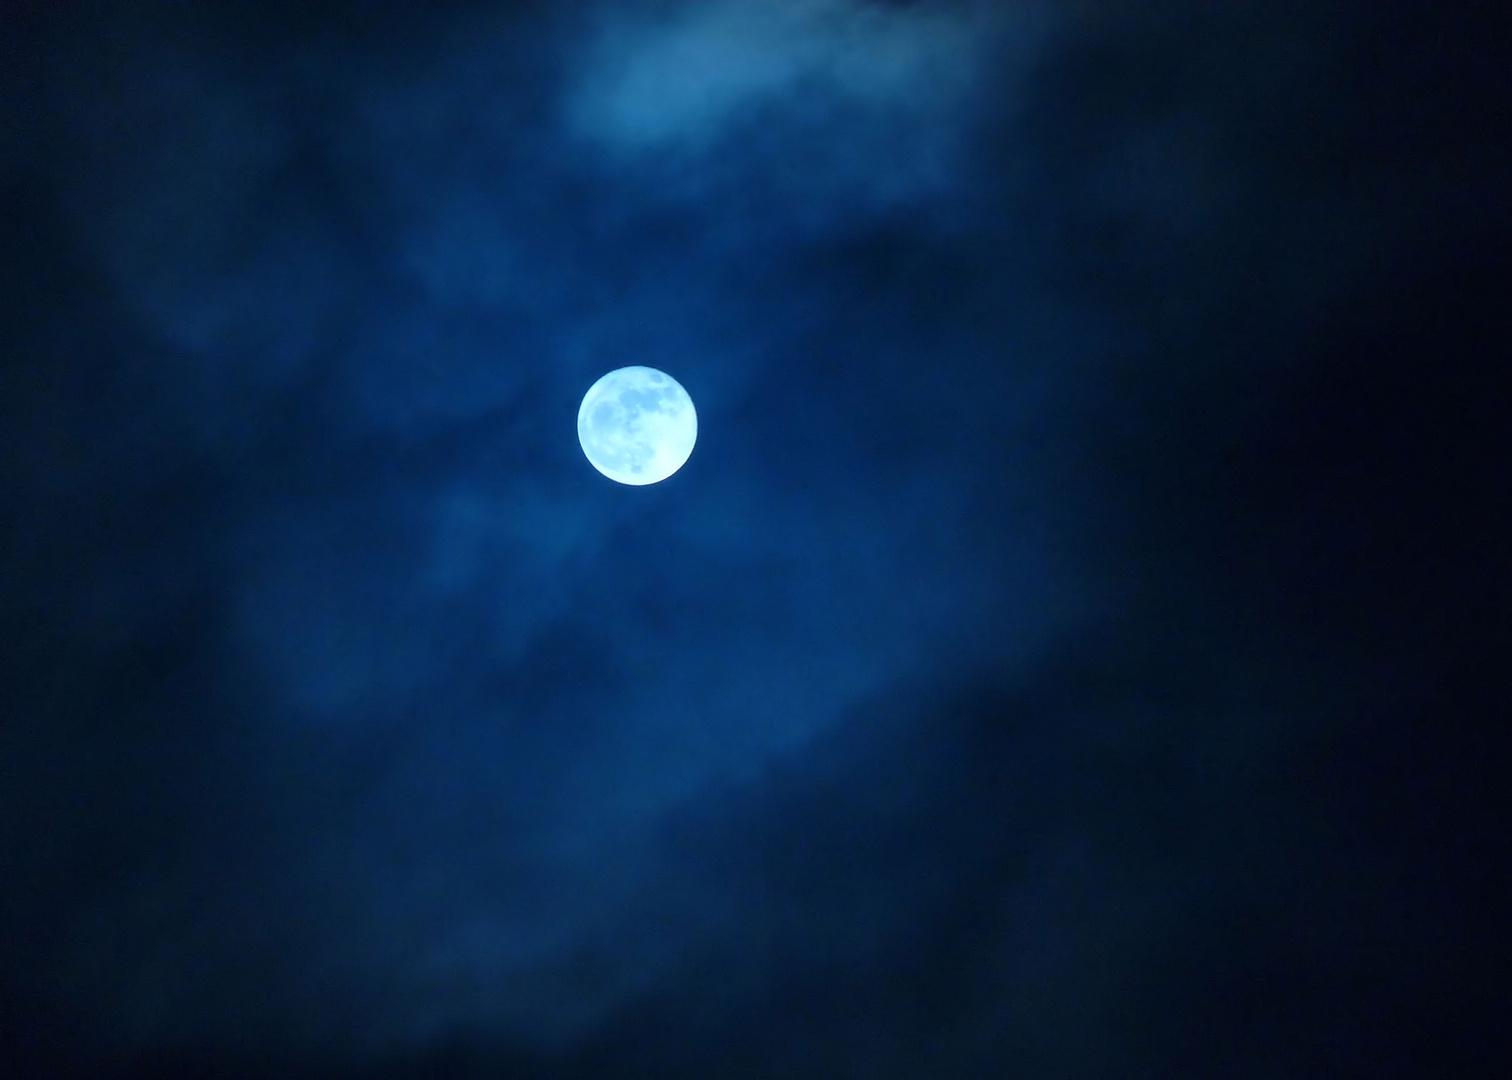 der mond heute nacht foto bild mondaufnahmen himmel universum sonne mond bilder auf. Black Bedroom Furniture Sets. Home Design Ideas